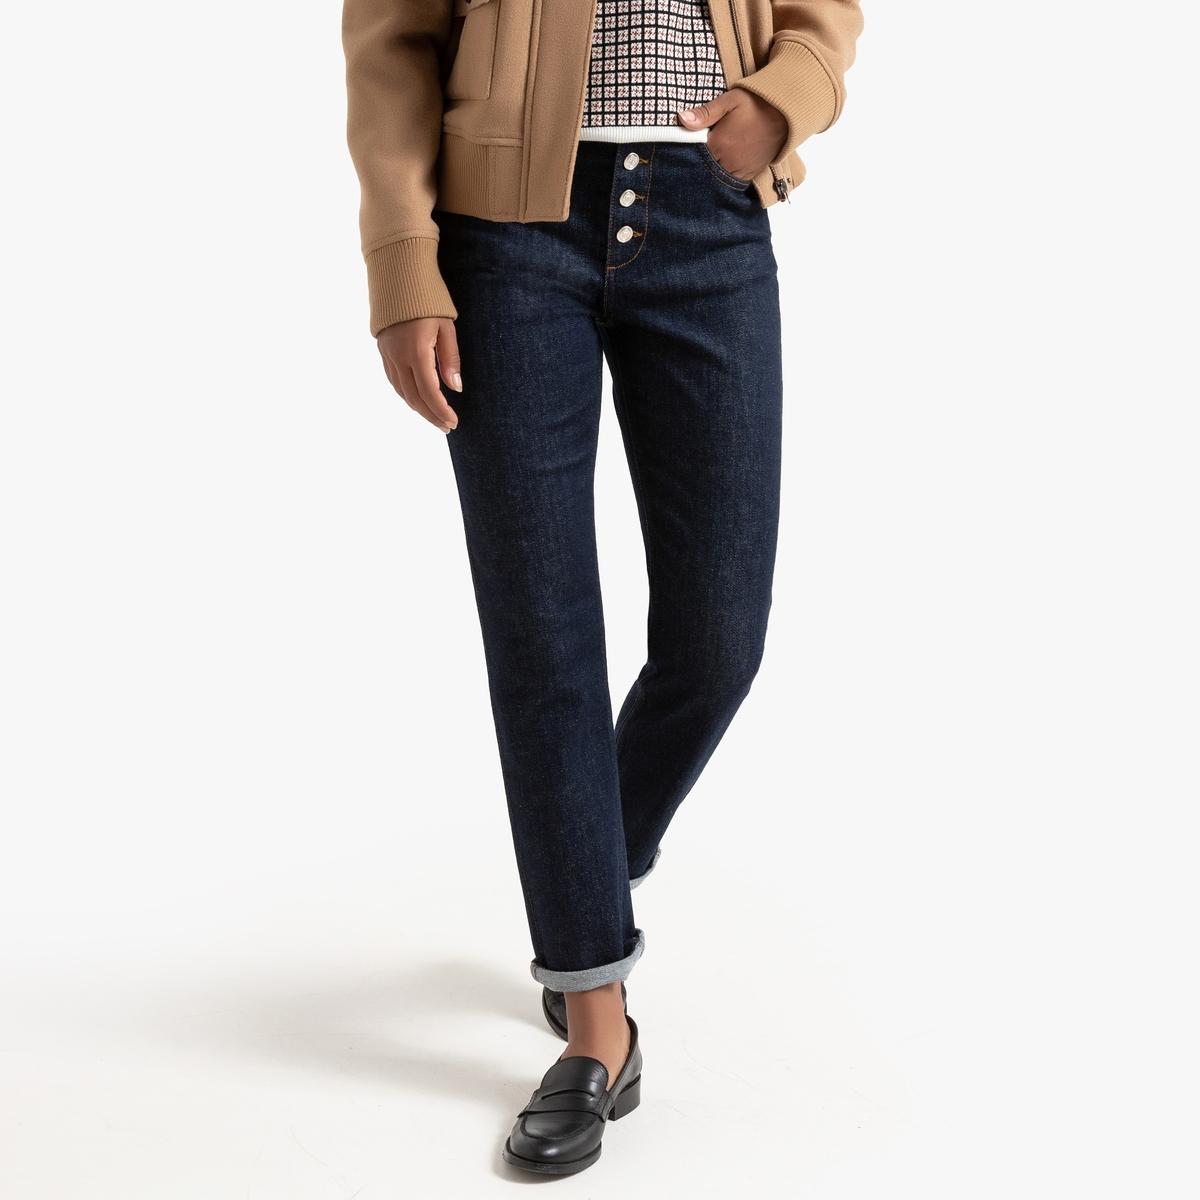 Джинсы La Redoute Узкие с видимой застежкой на пуговицы 36 (FR) - 42 (RUS) синий джинсы la redoute узкие для периода беременности 36 fr 42 rus серый